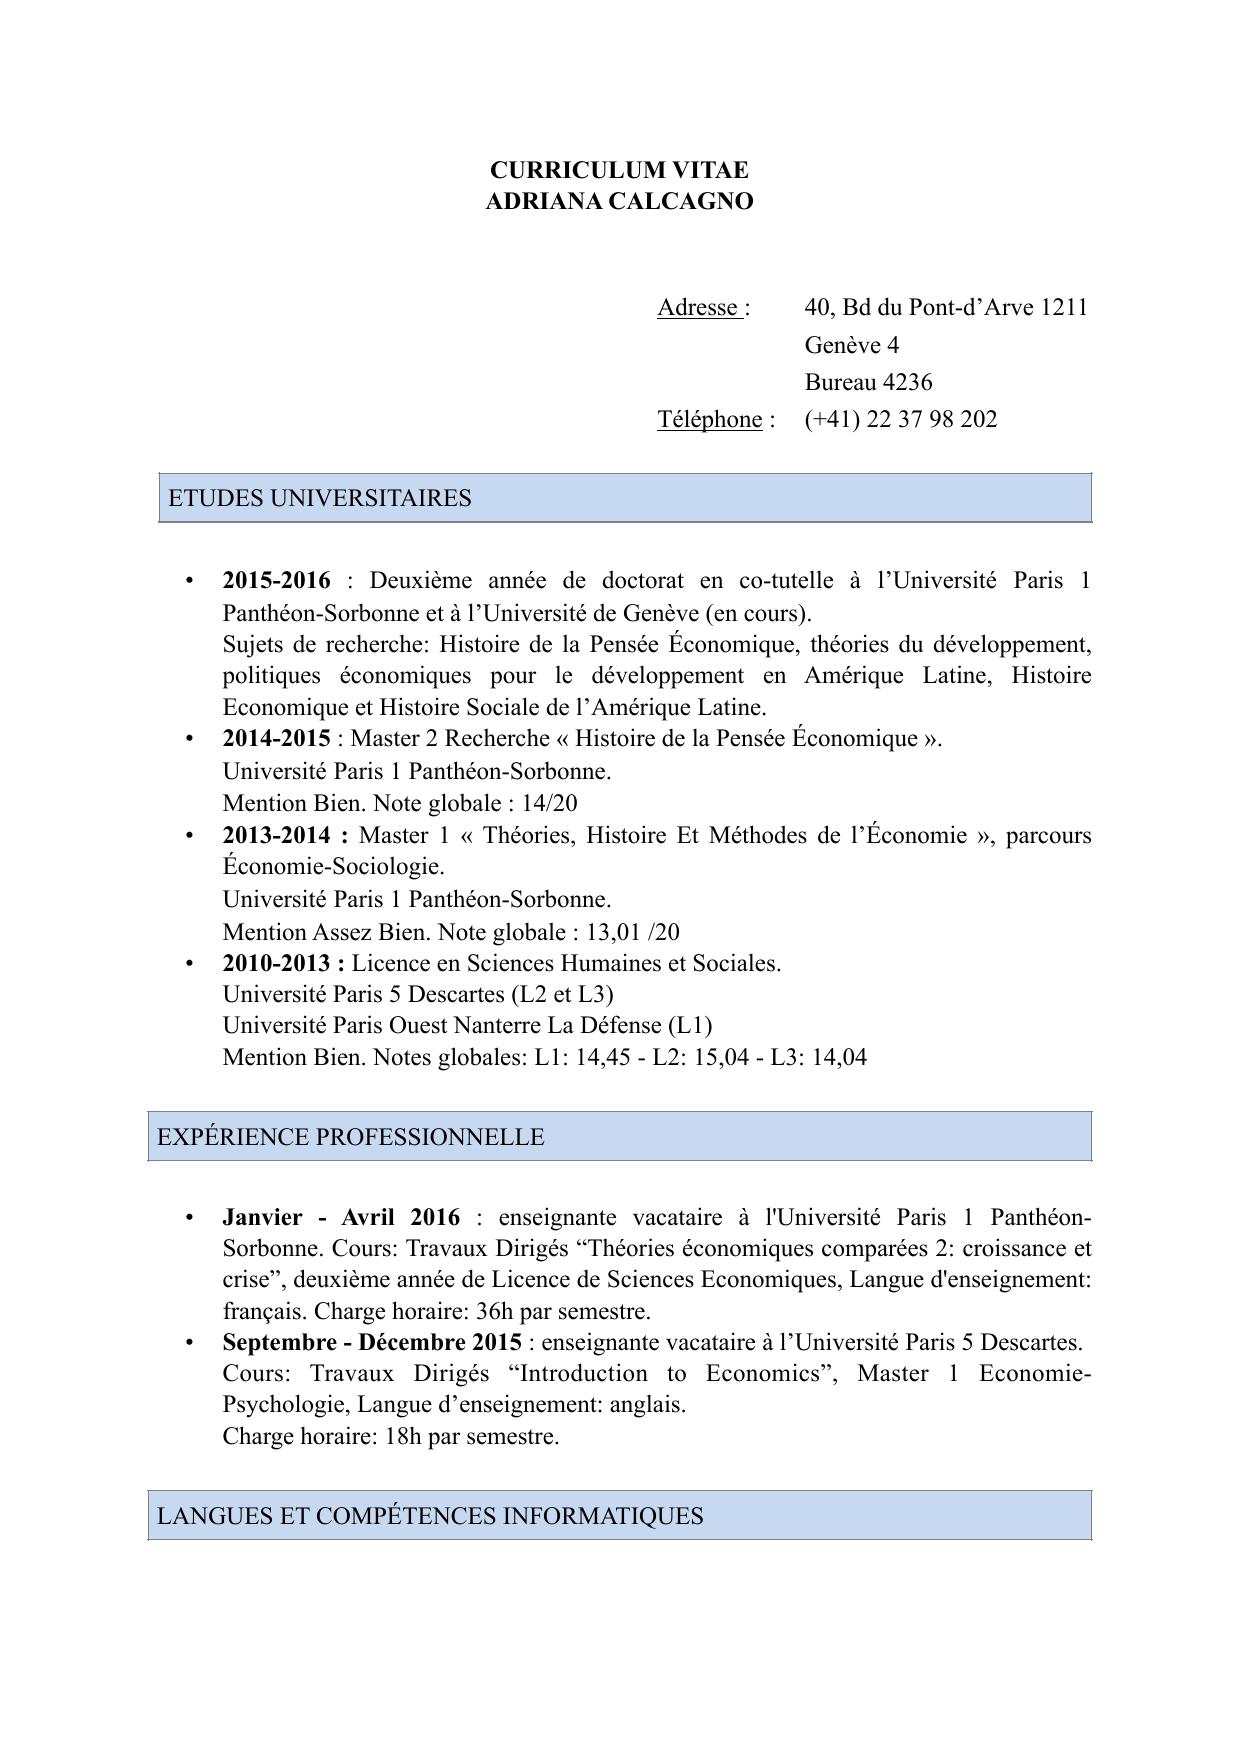 curriculum vitae adriana calcagno adresse 40 bd du pont darve 1211